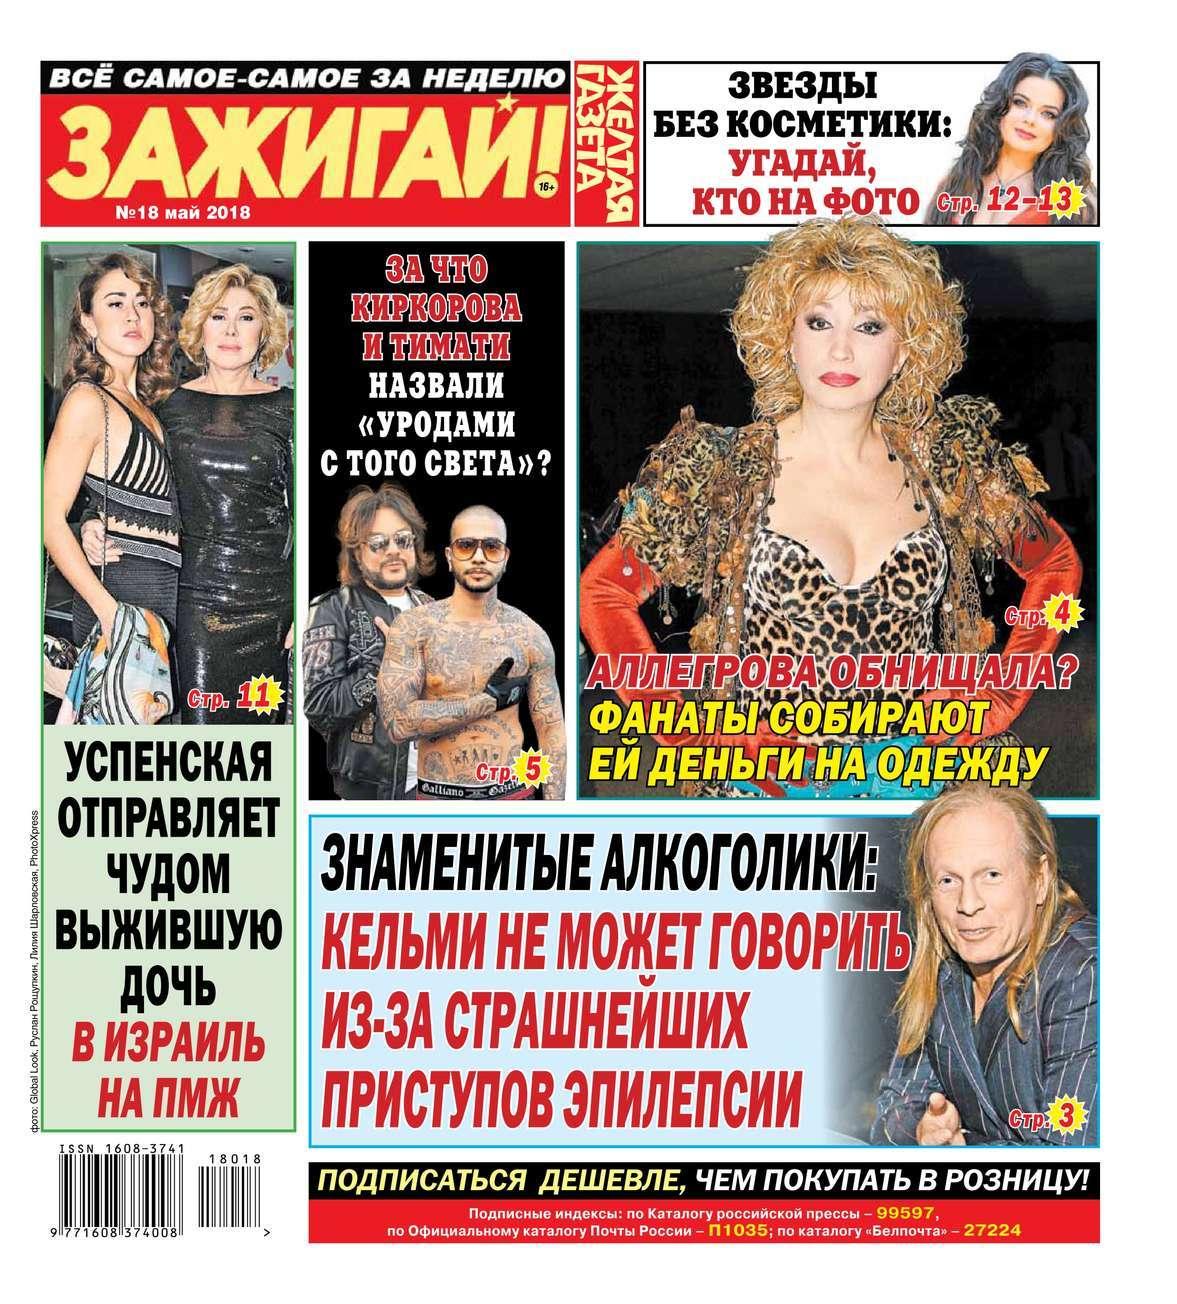 Желтая Газета. Зажигай! 18-2018